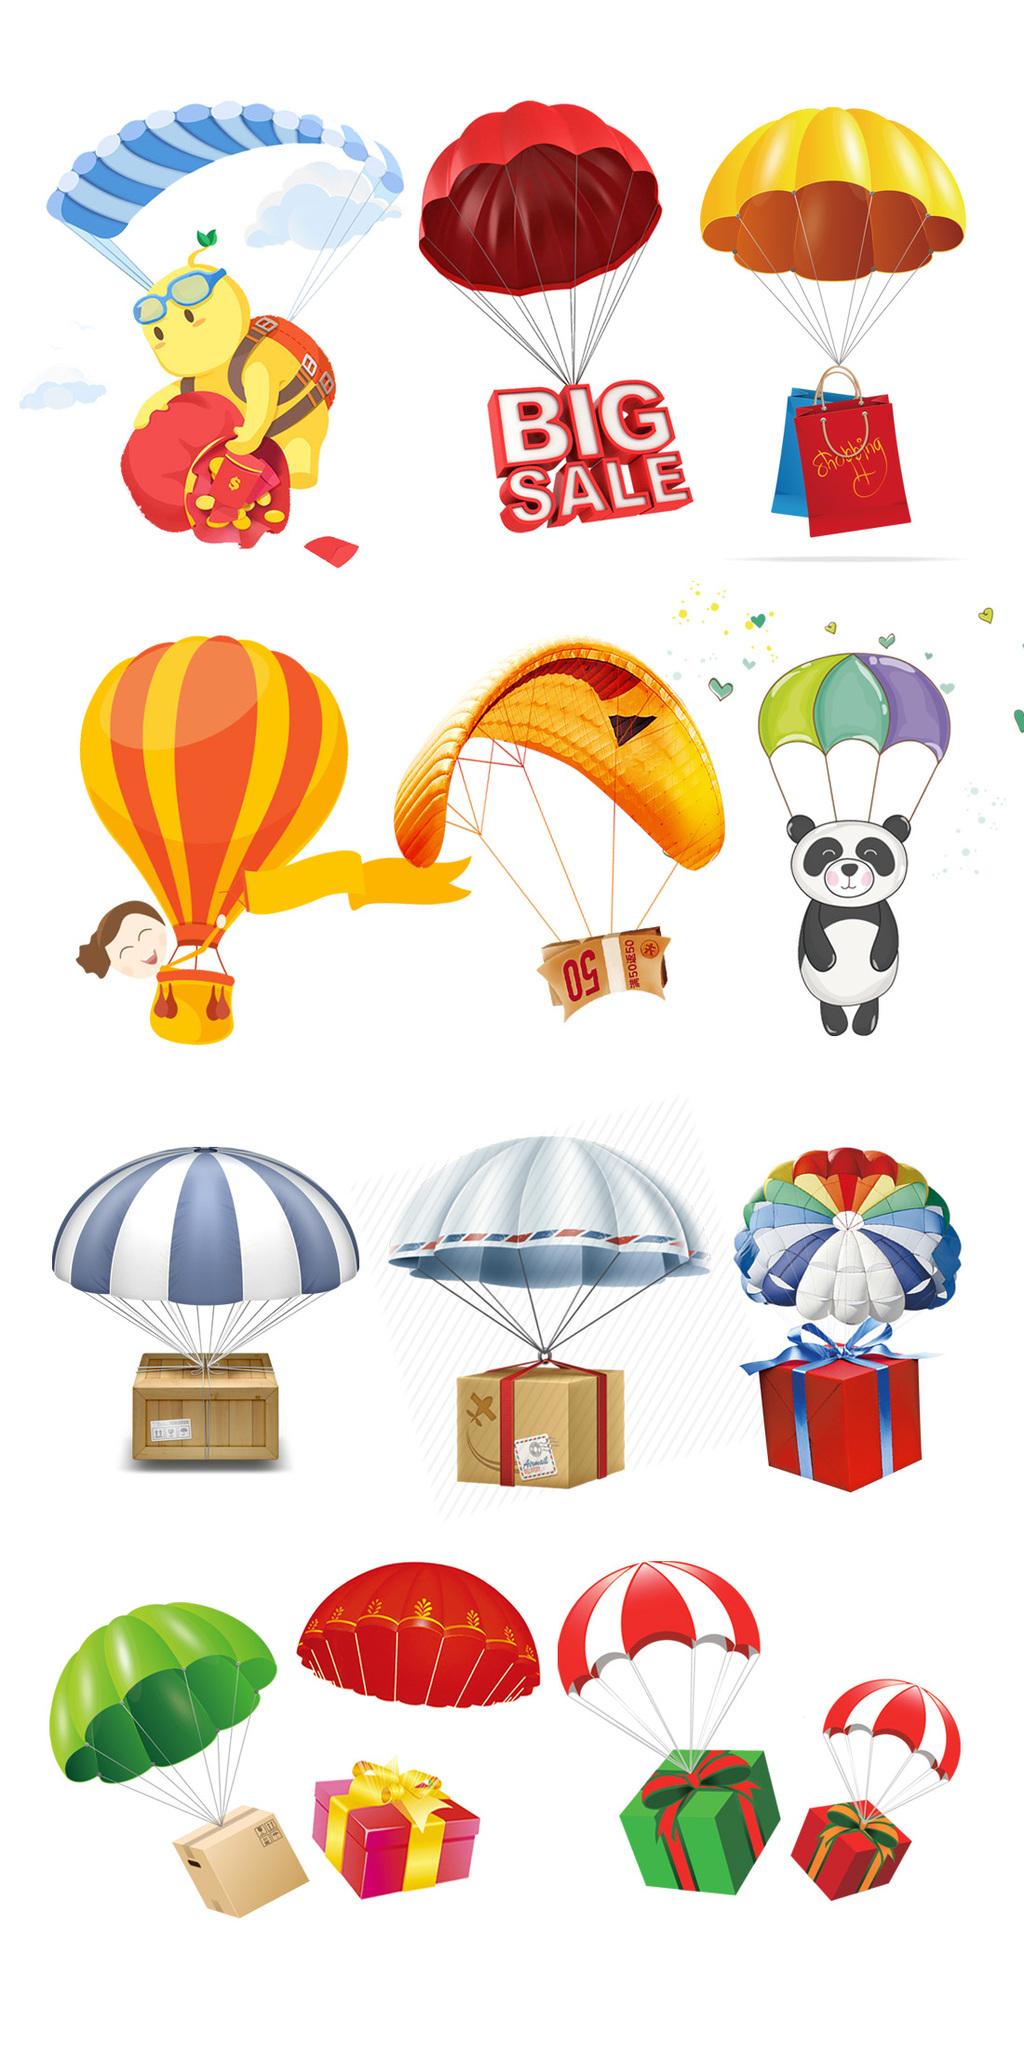 卡通降落伞淘宝促销活动素材图片设计_高清psd模板(mb